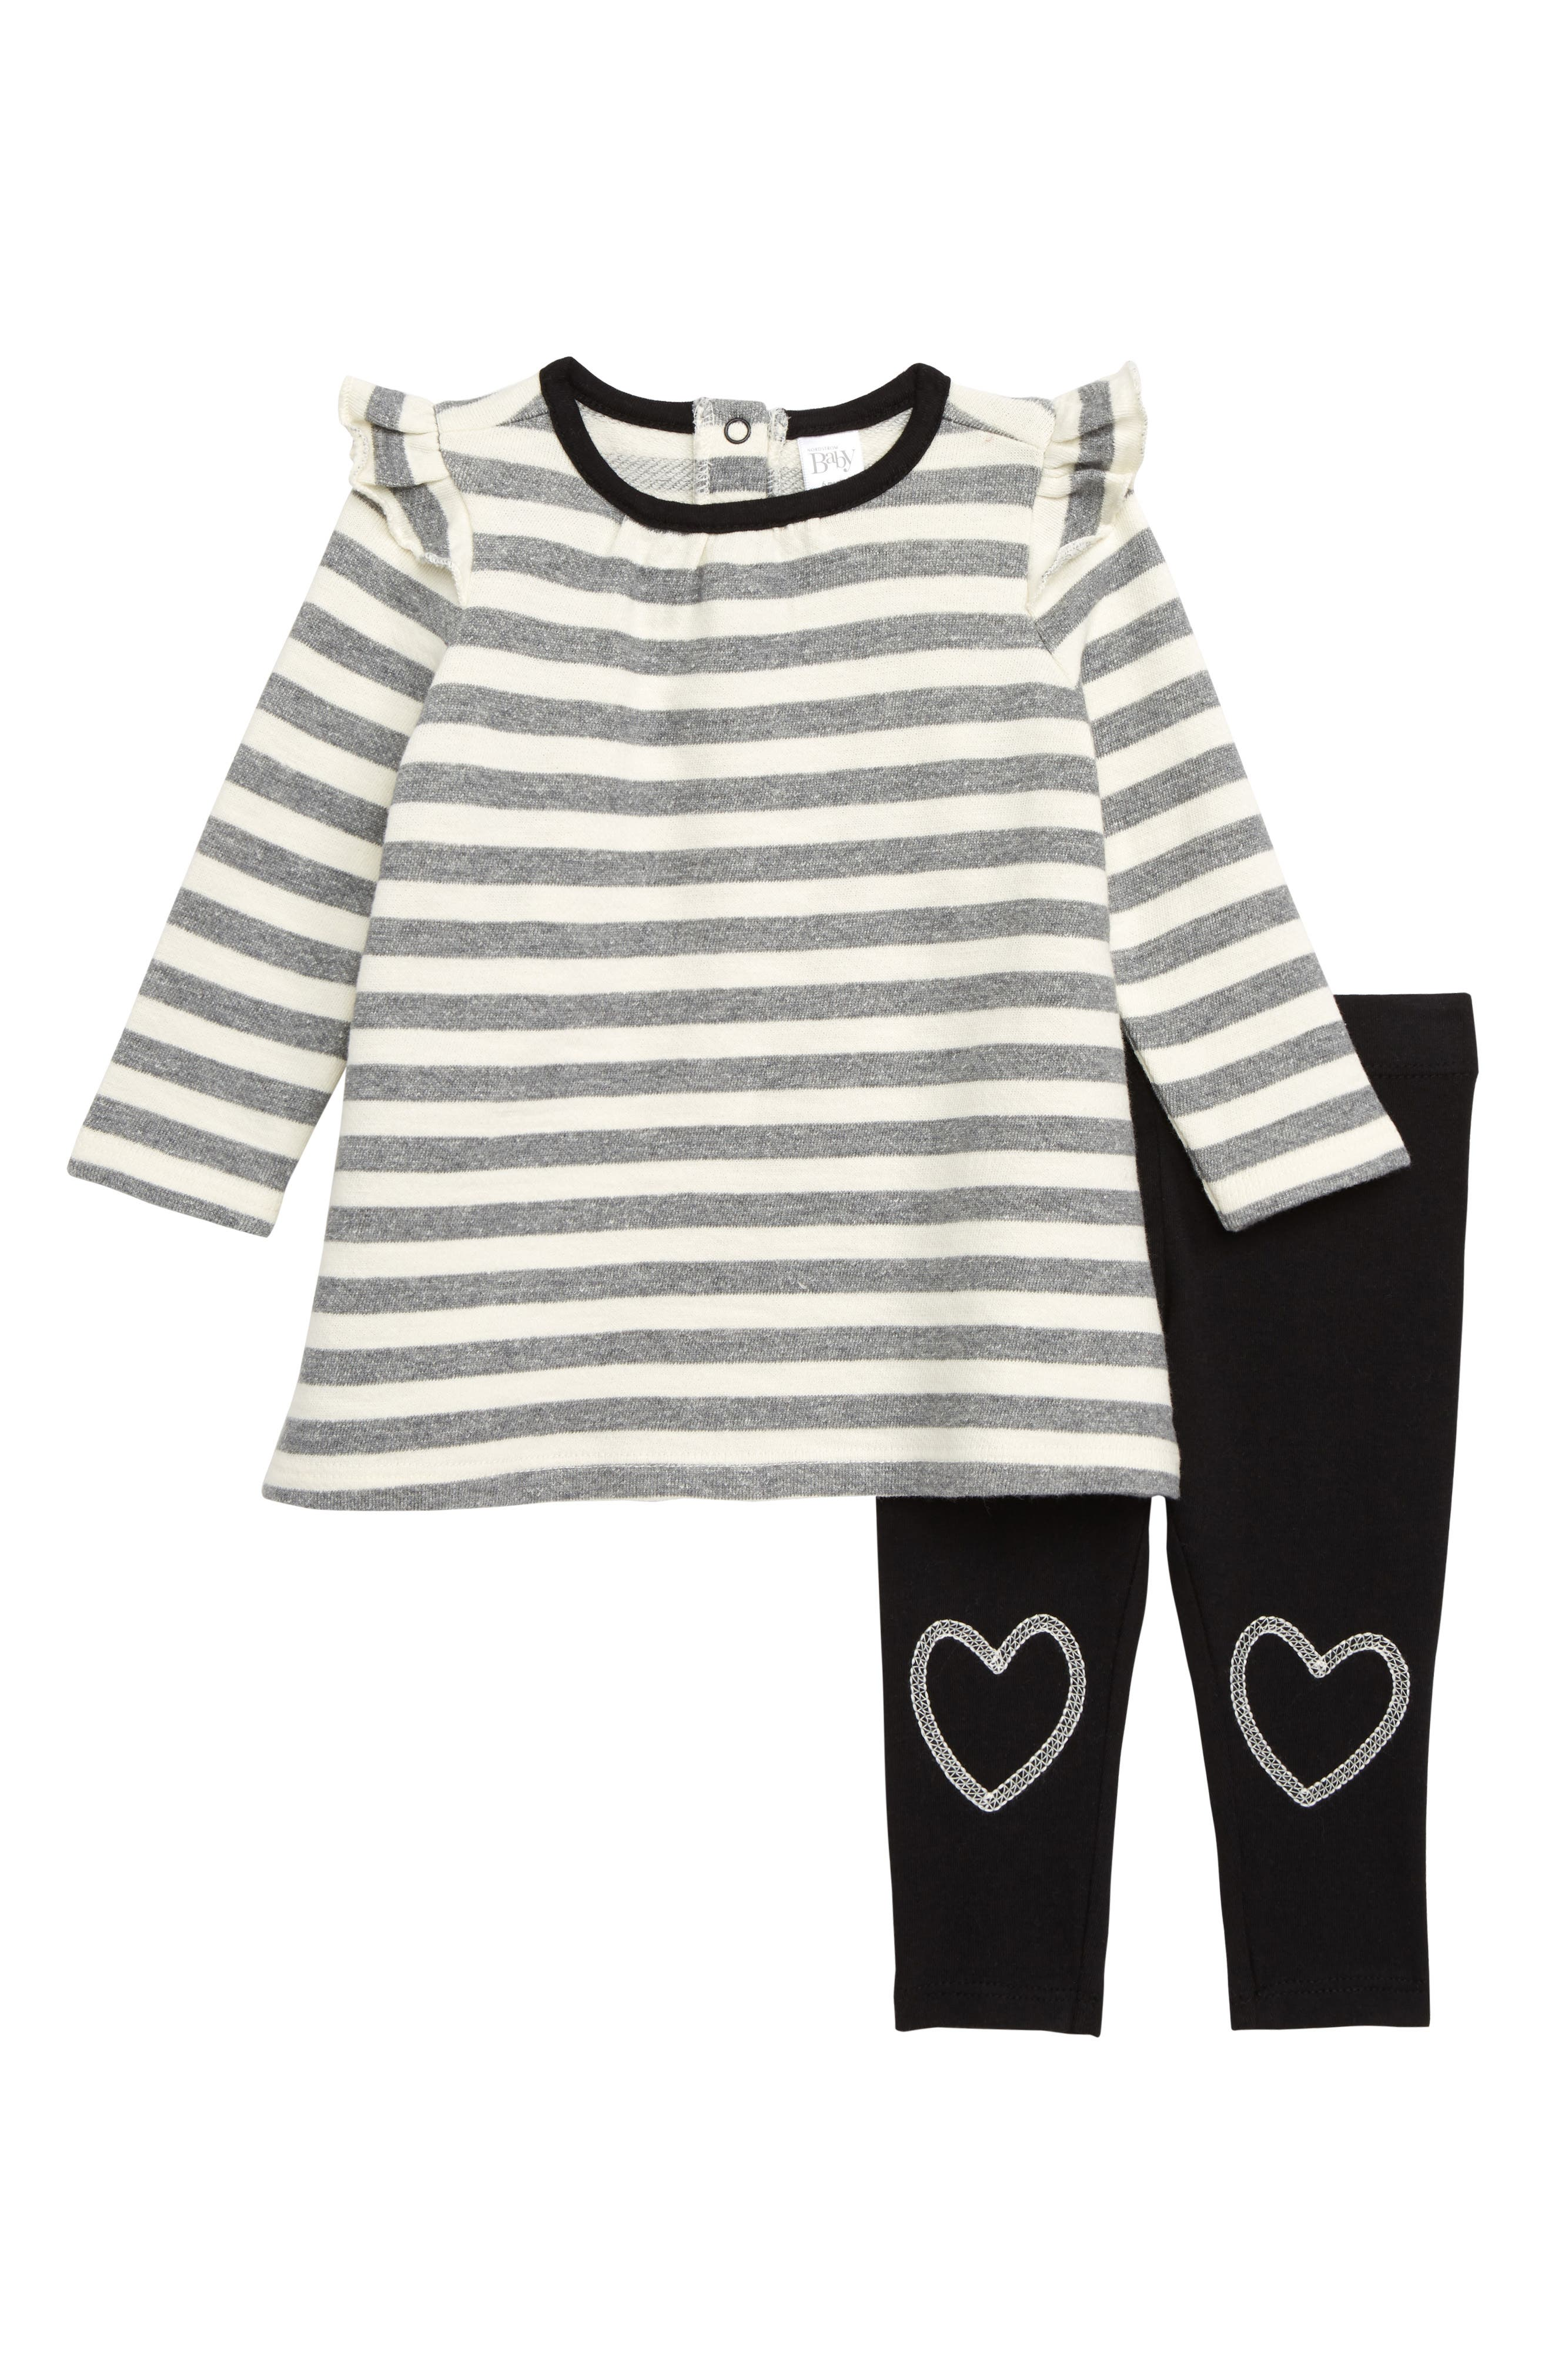 NORDSTROM BABY, Stripe Dress & Leggings Set, Main thumbnail 1, color, IVORY EGRET- GREY STRIPE